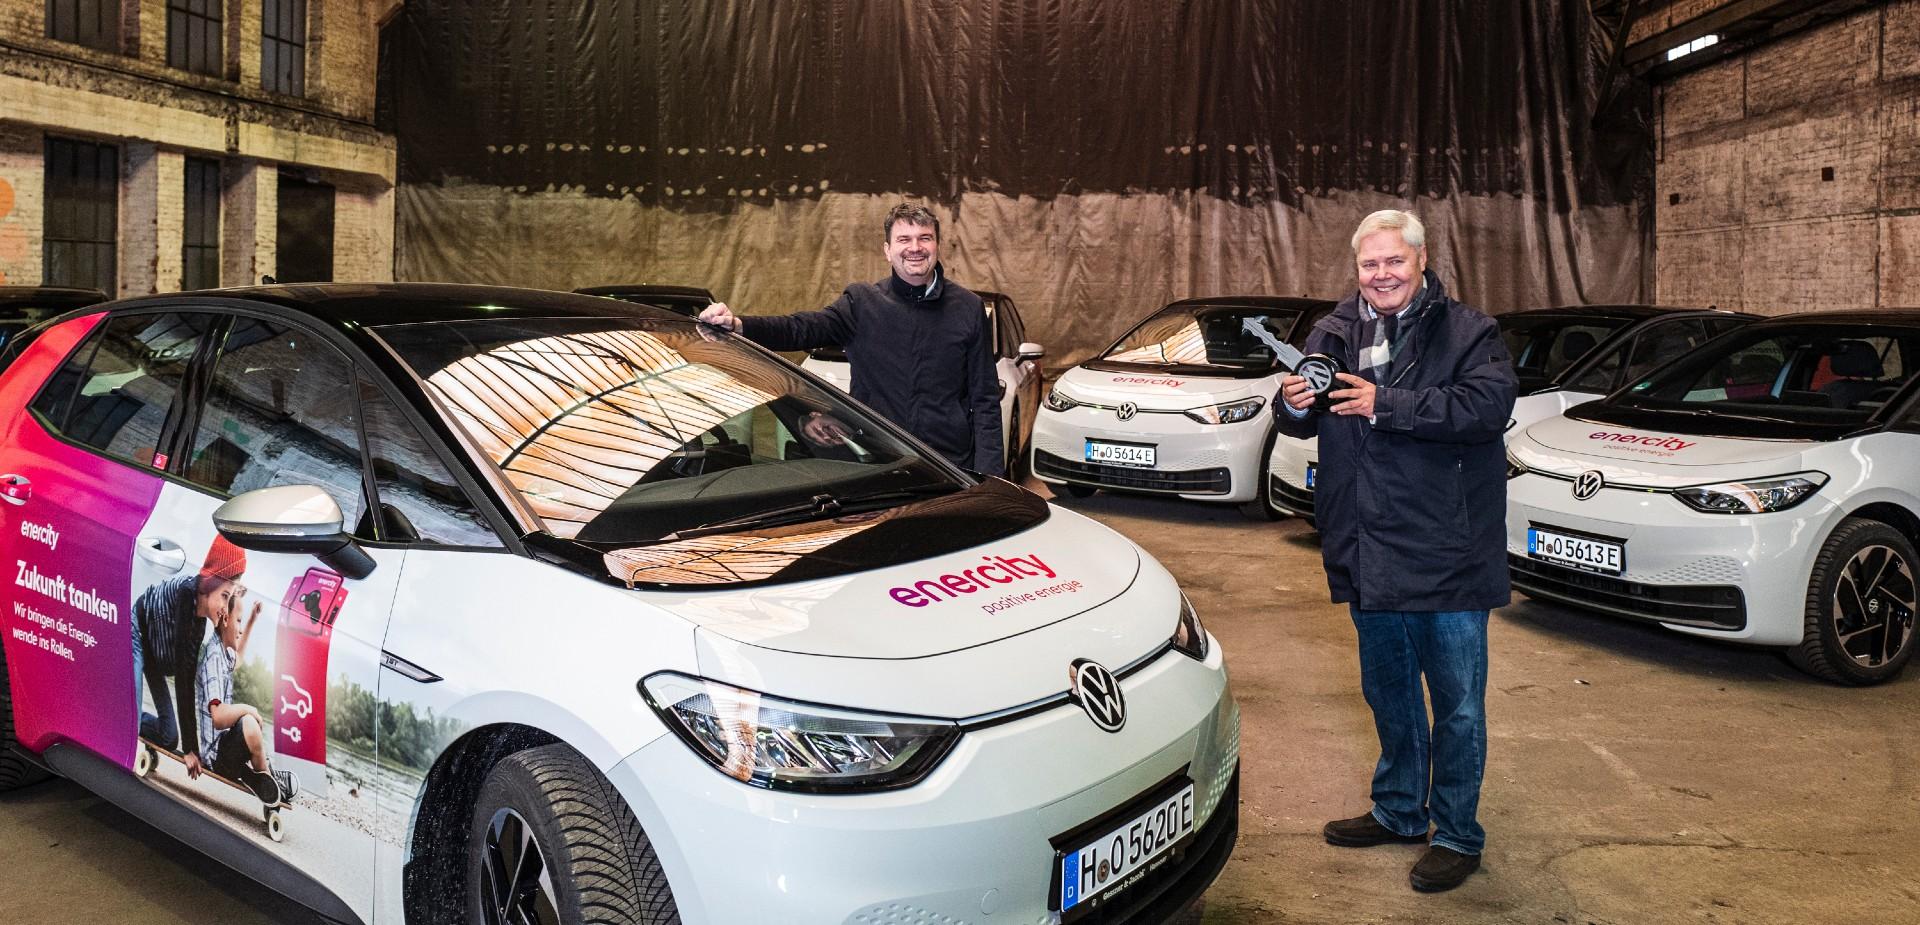 Zwei Herren stehen in einer alten Lagerhalle umringt von E-Autos von VW.